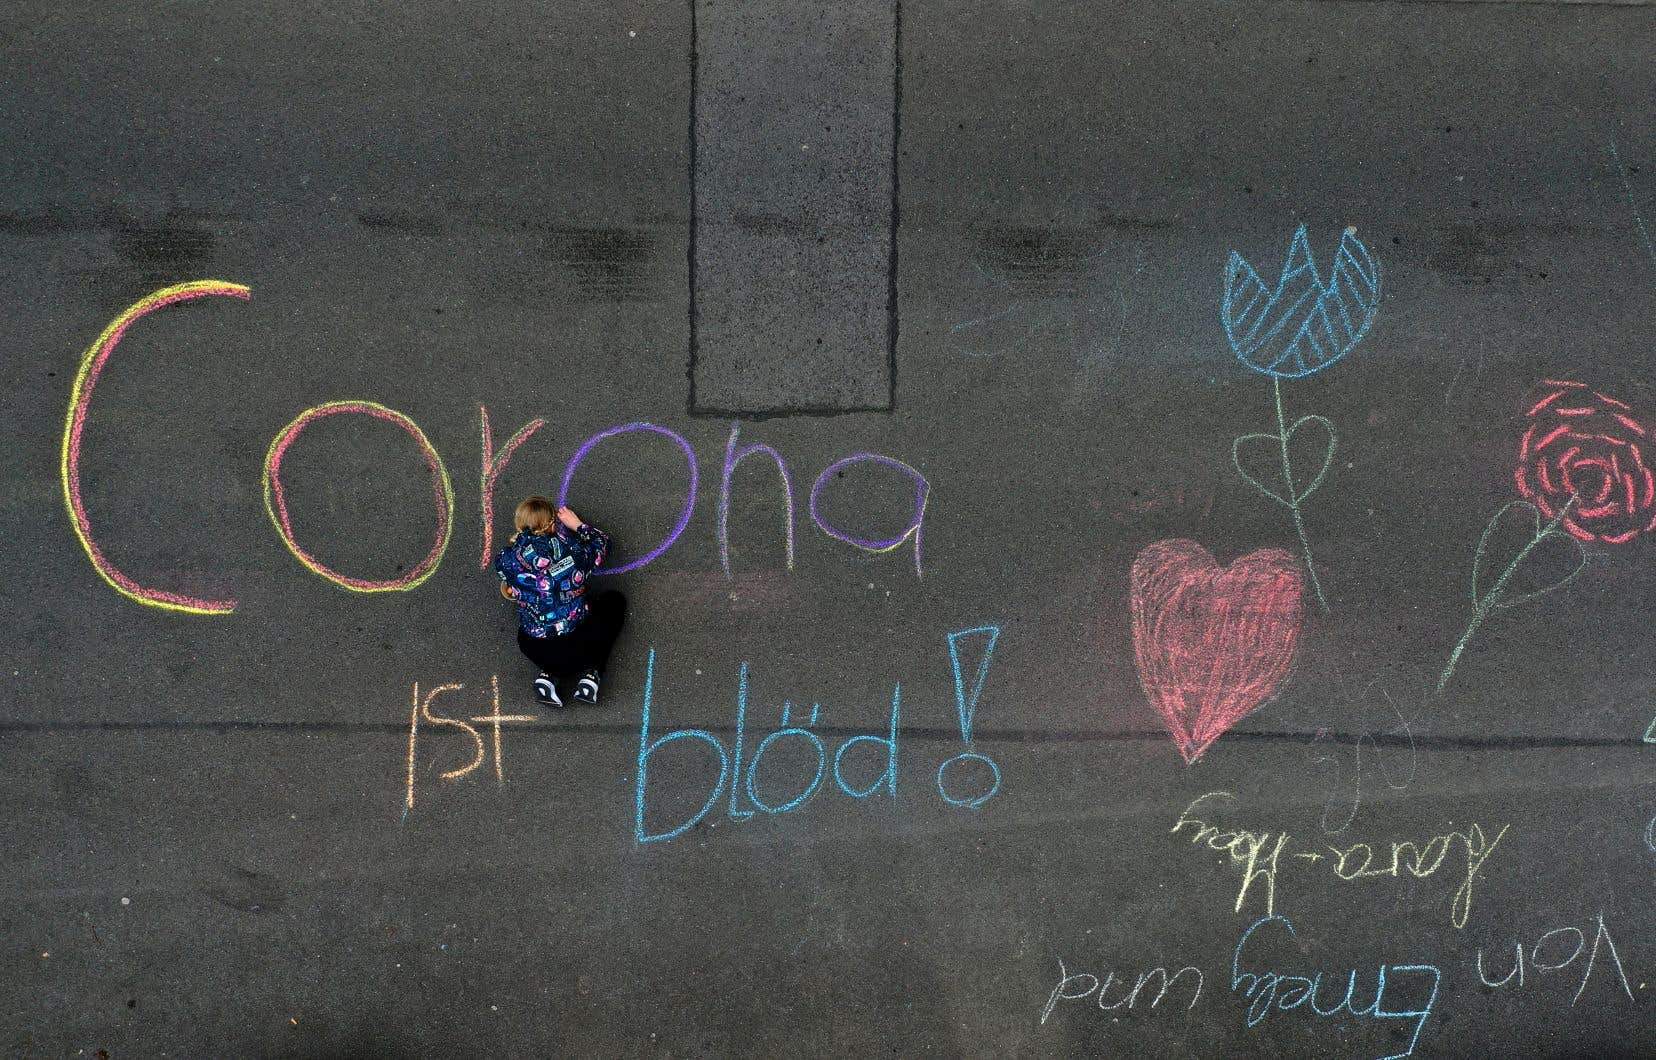 Emely, 10 ans, écrivait à la craie «Le corona, c'est poche», jeudi à Dortmund, dans l'ouest du pays.